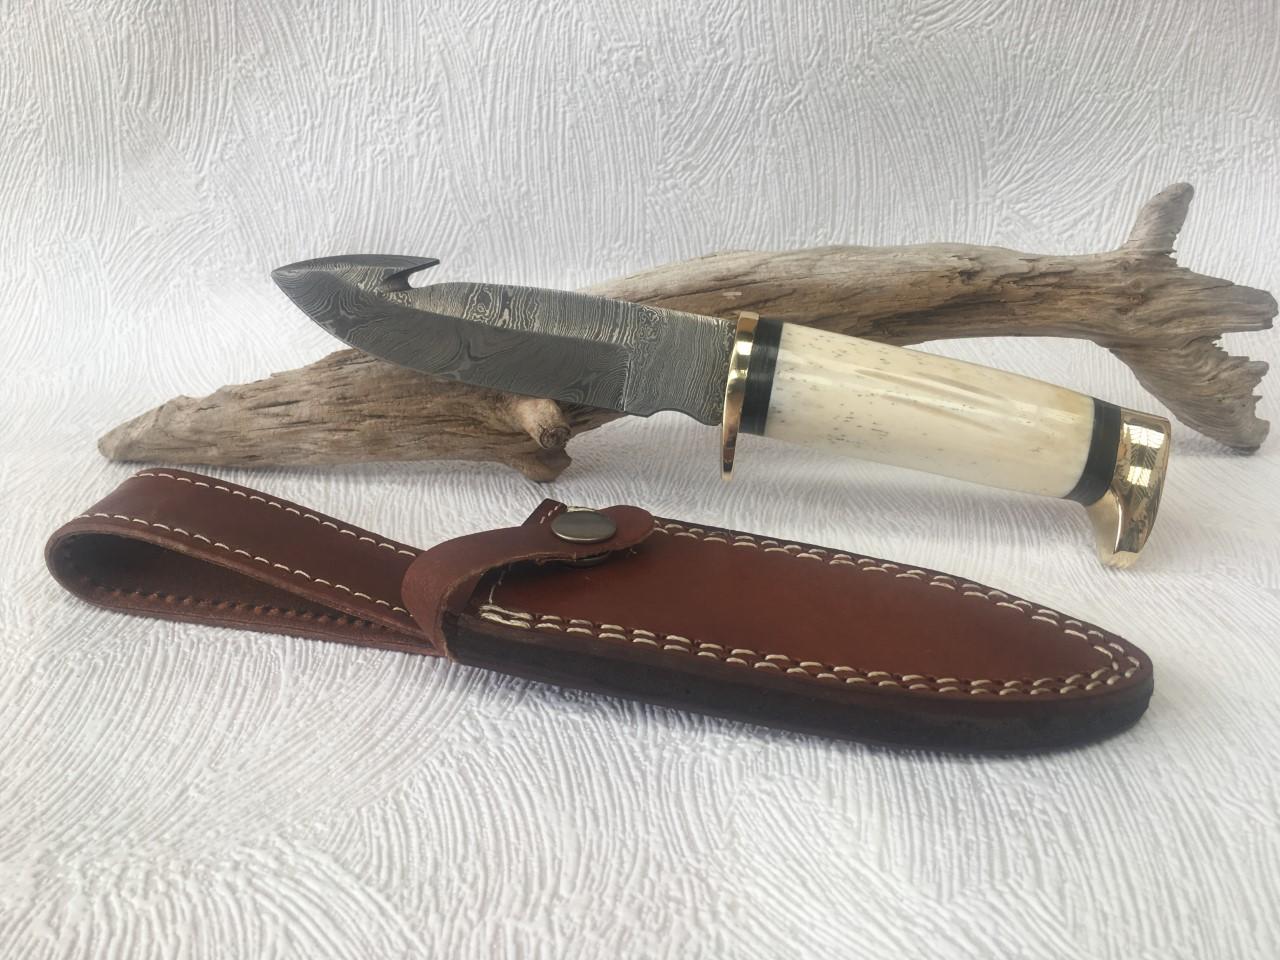 Couteau de chasse lame damas au prix de 65,90 euros